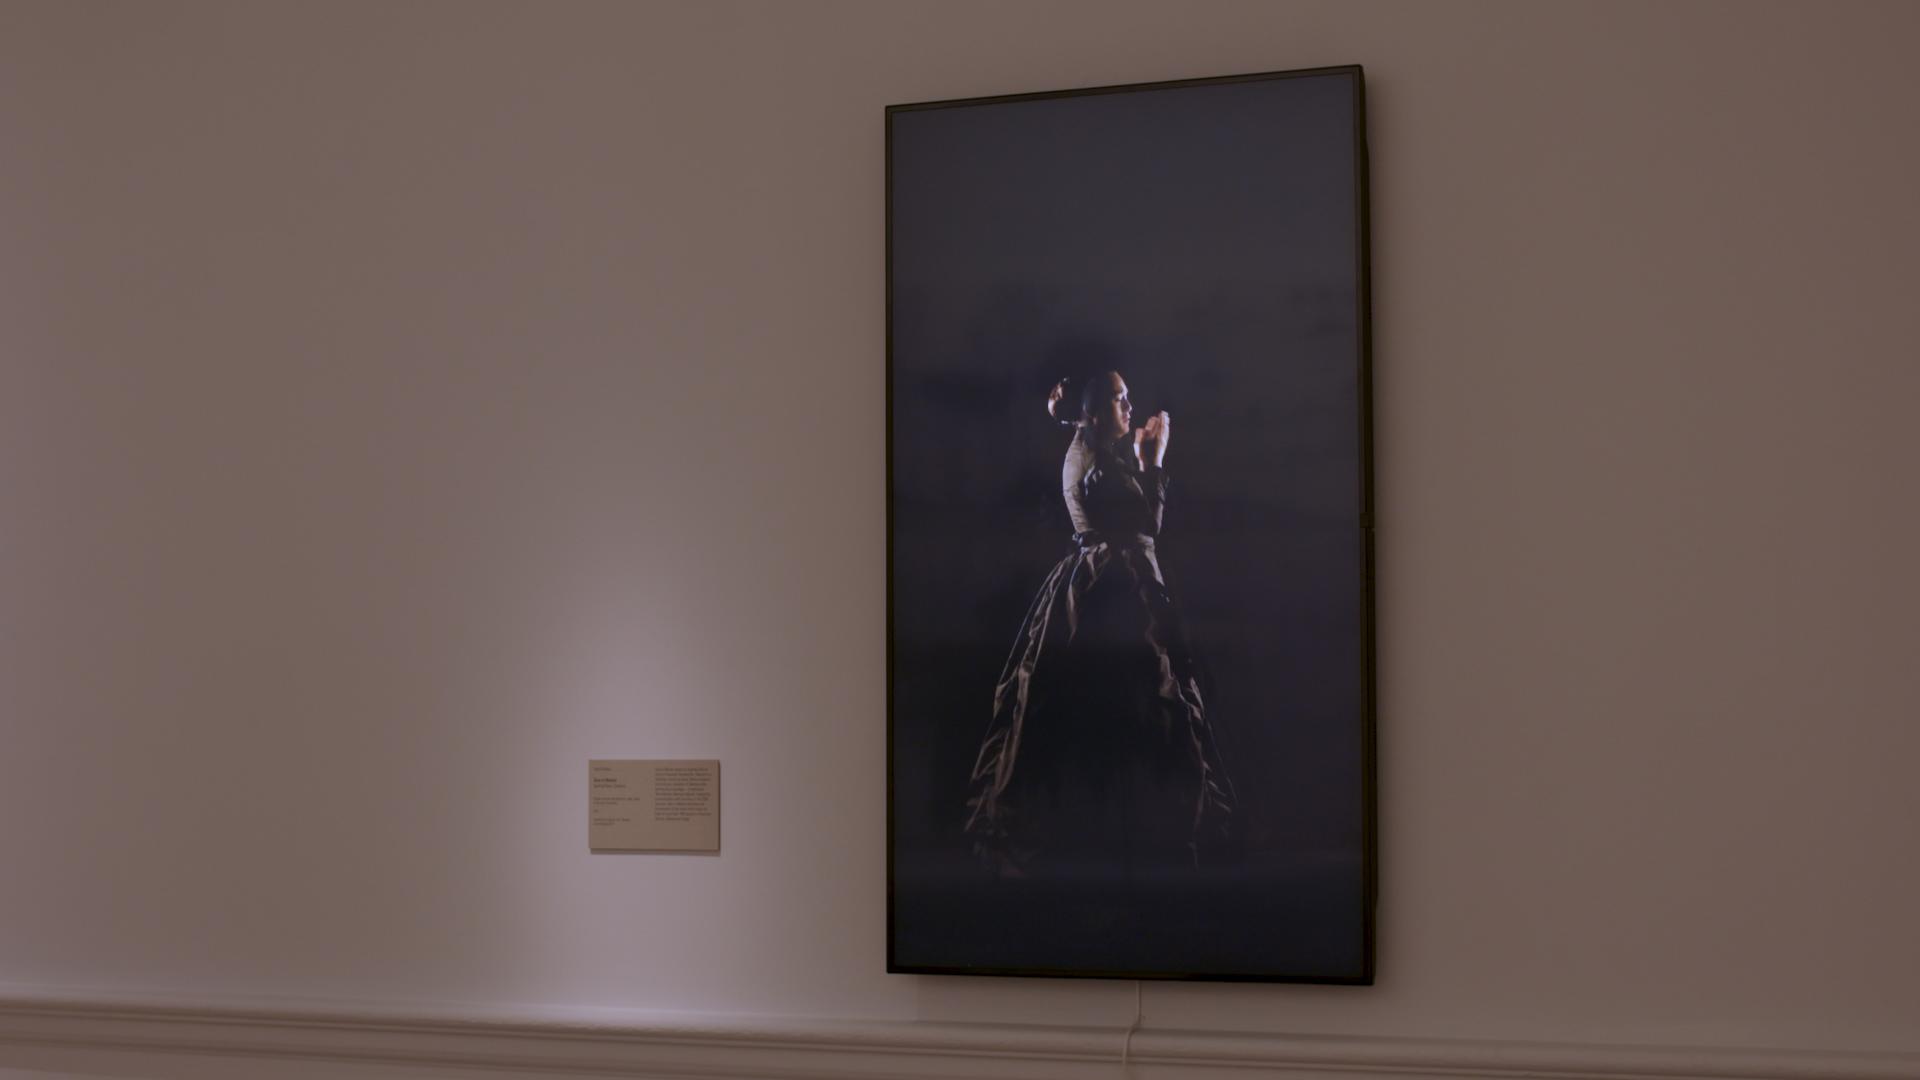 27aa5accb7 Royal Academy of Arts